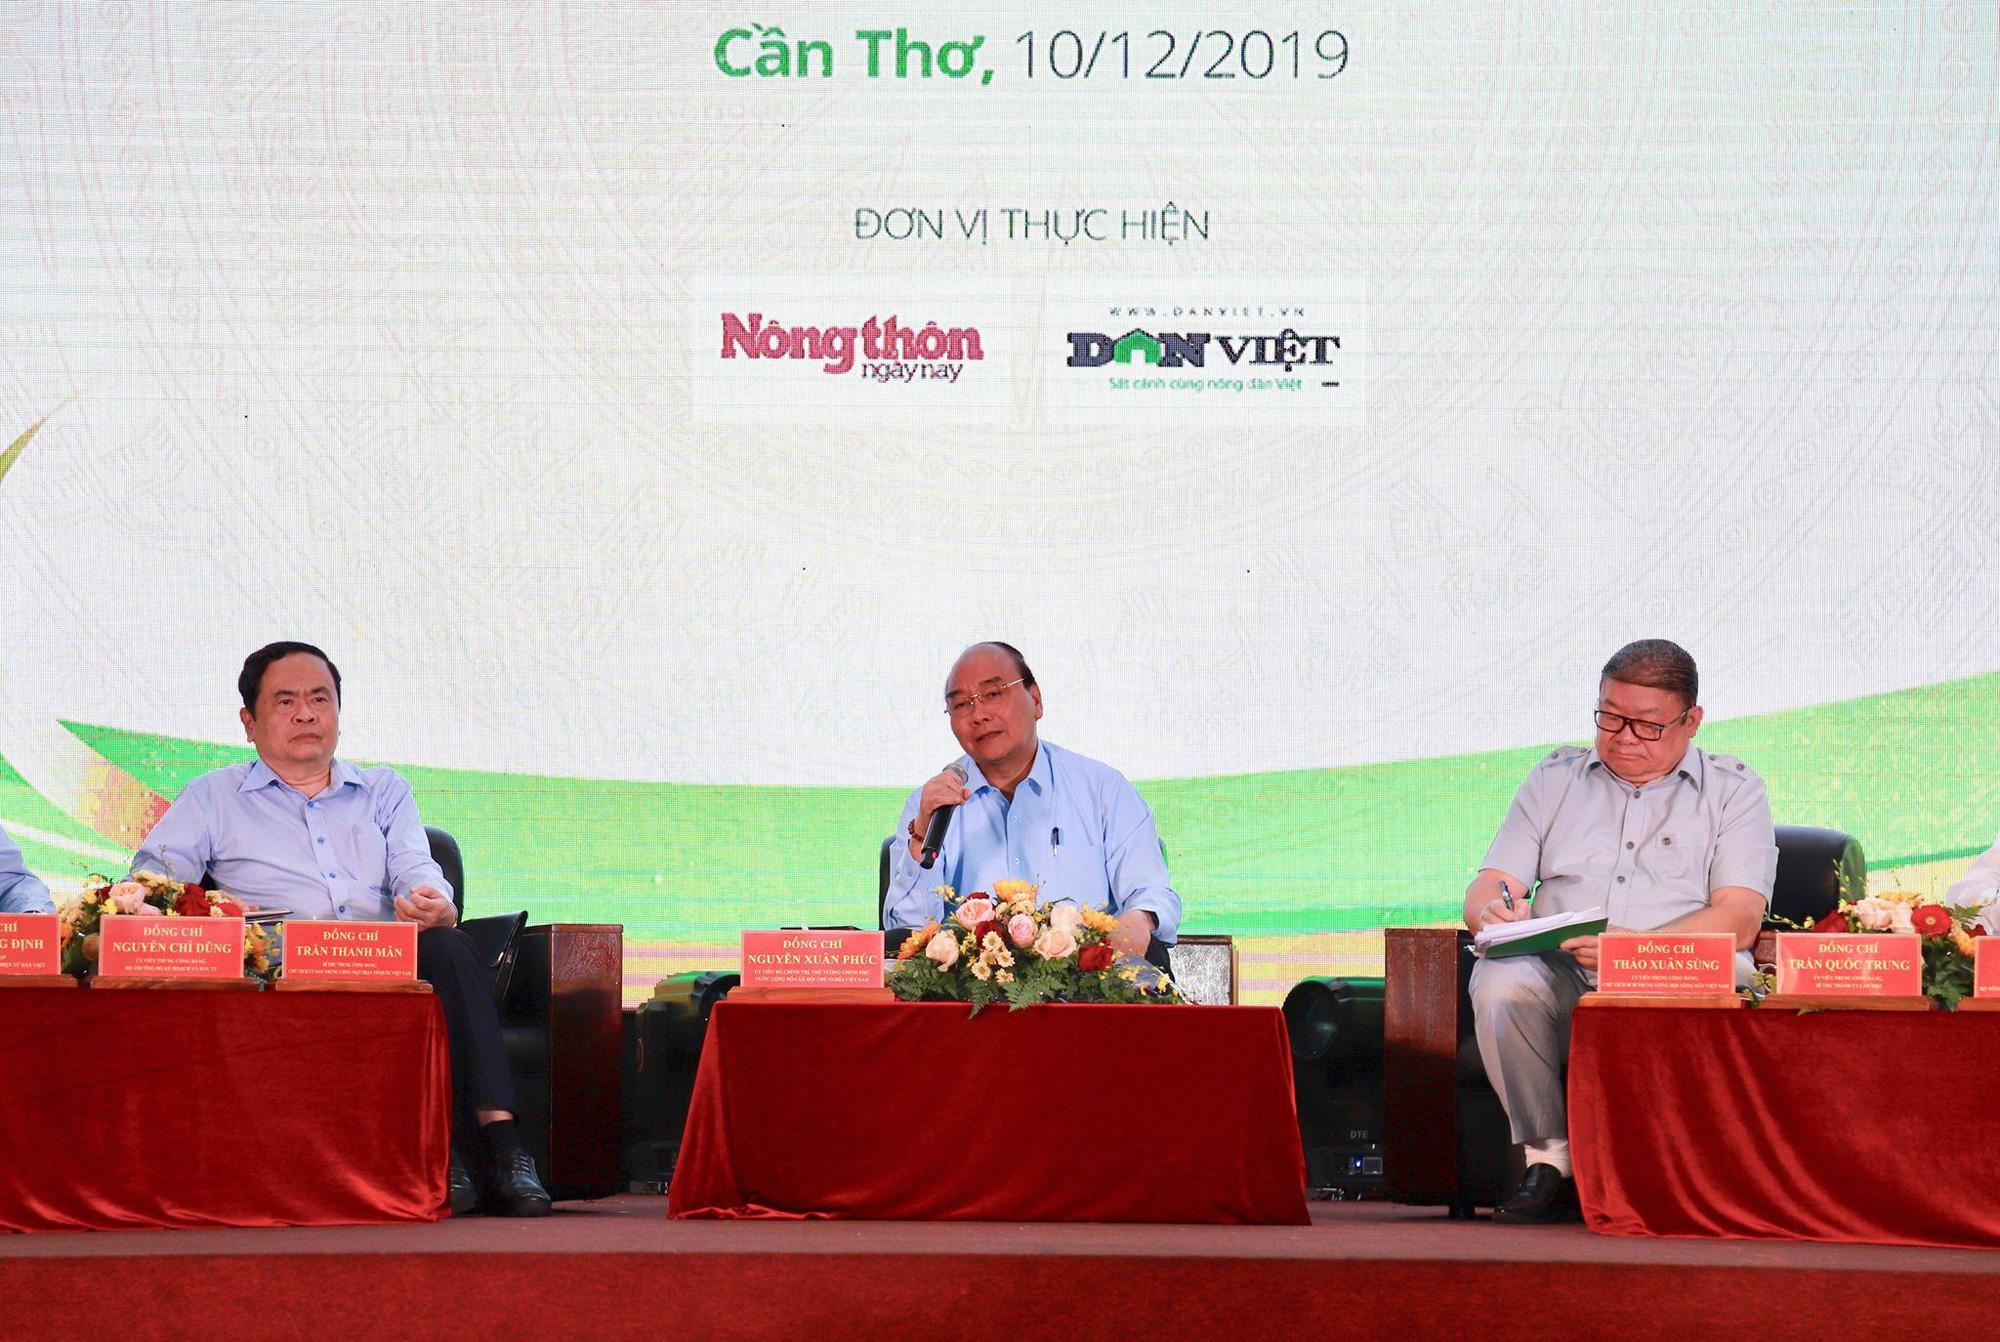 Lần thứ 3 Thủ tướng đối thoại với nông dân tại Đắk Lắk - Ảnh 1.